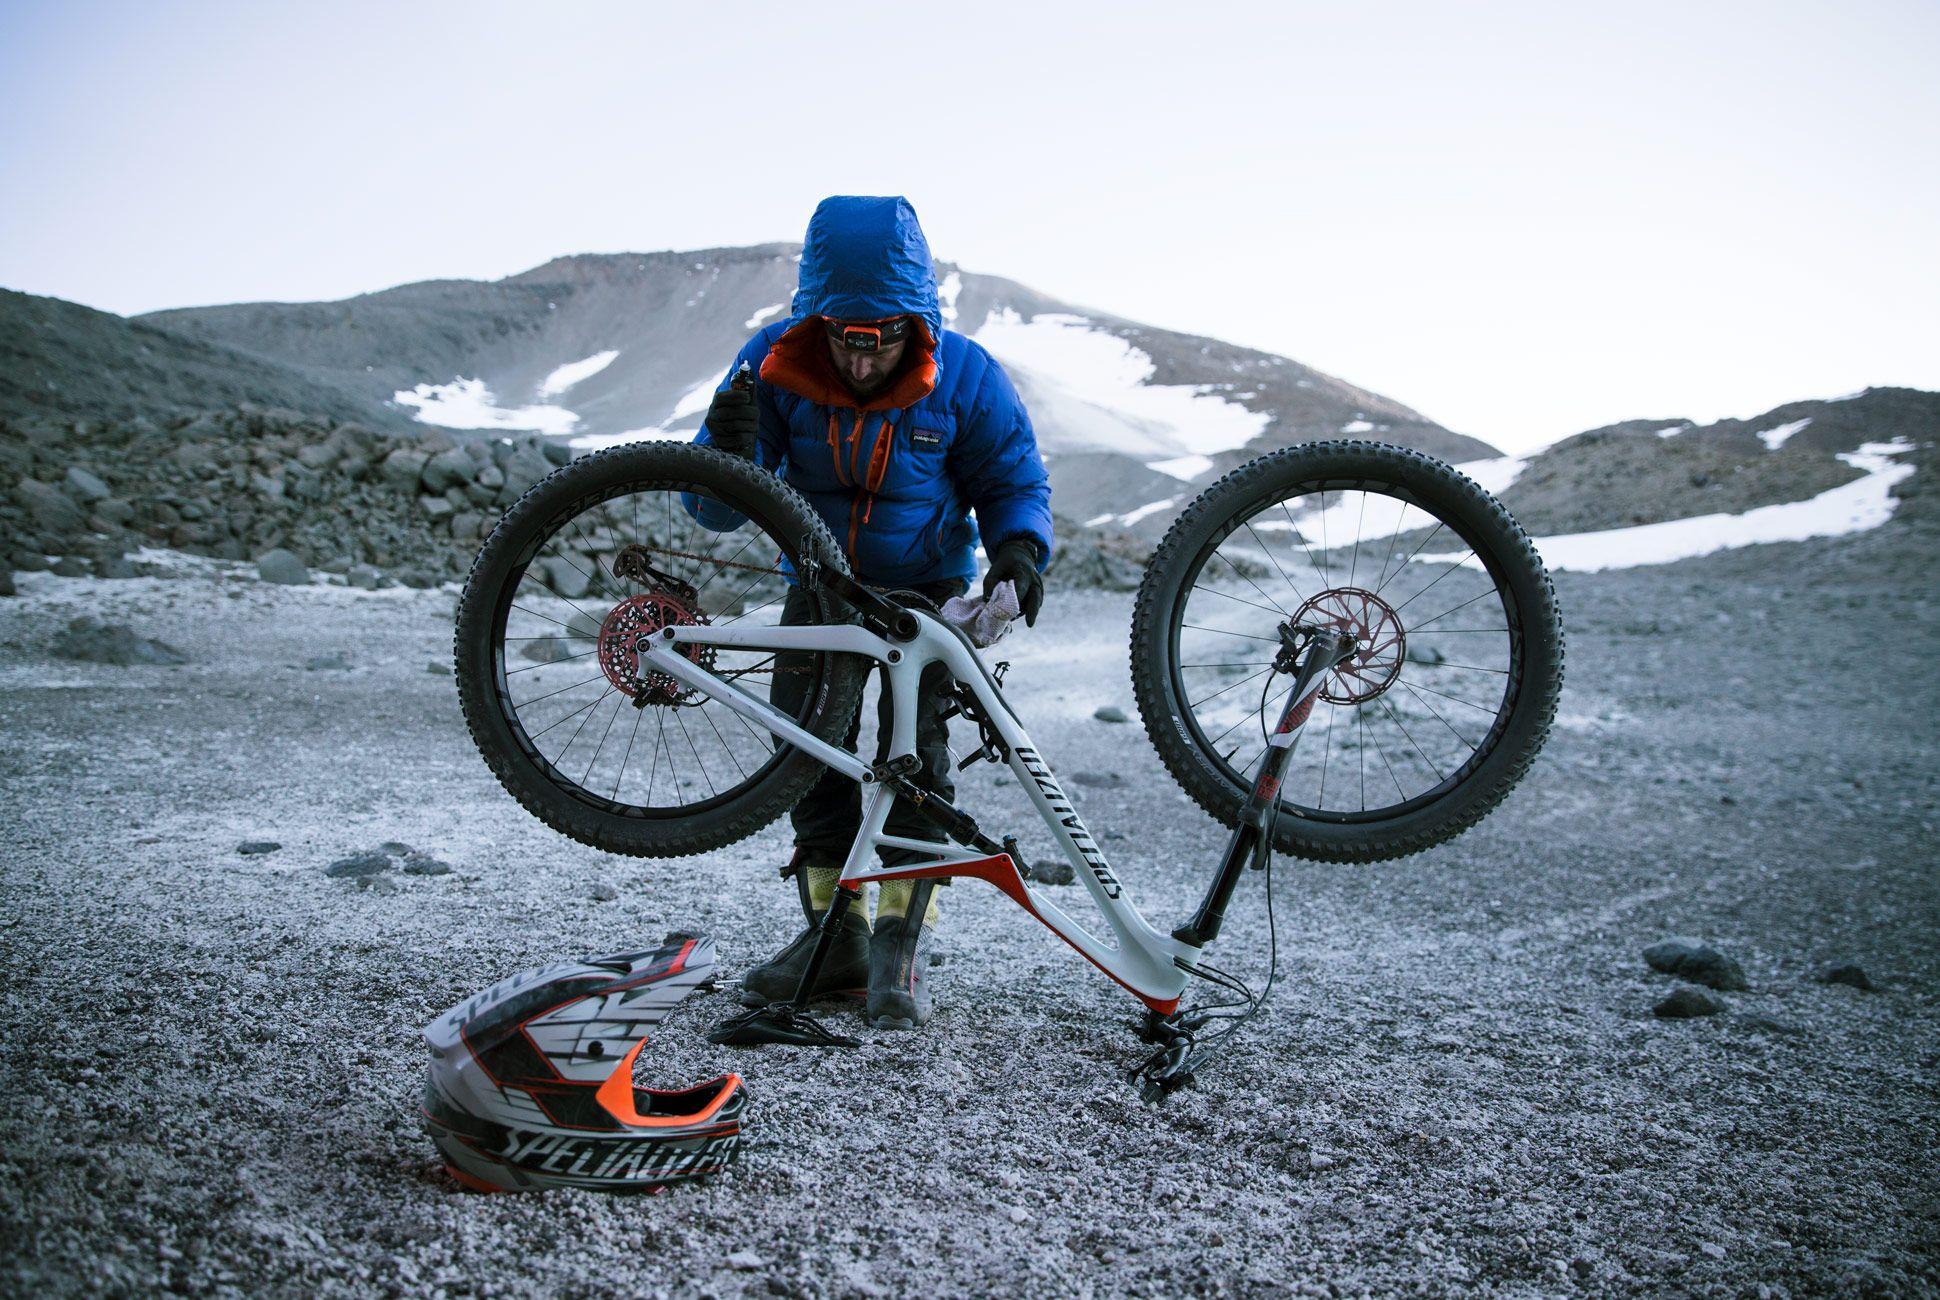 Volcano-Hike-Bike-Gear-Patrol-5